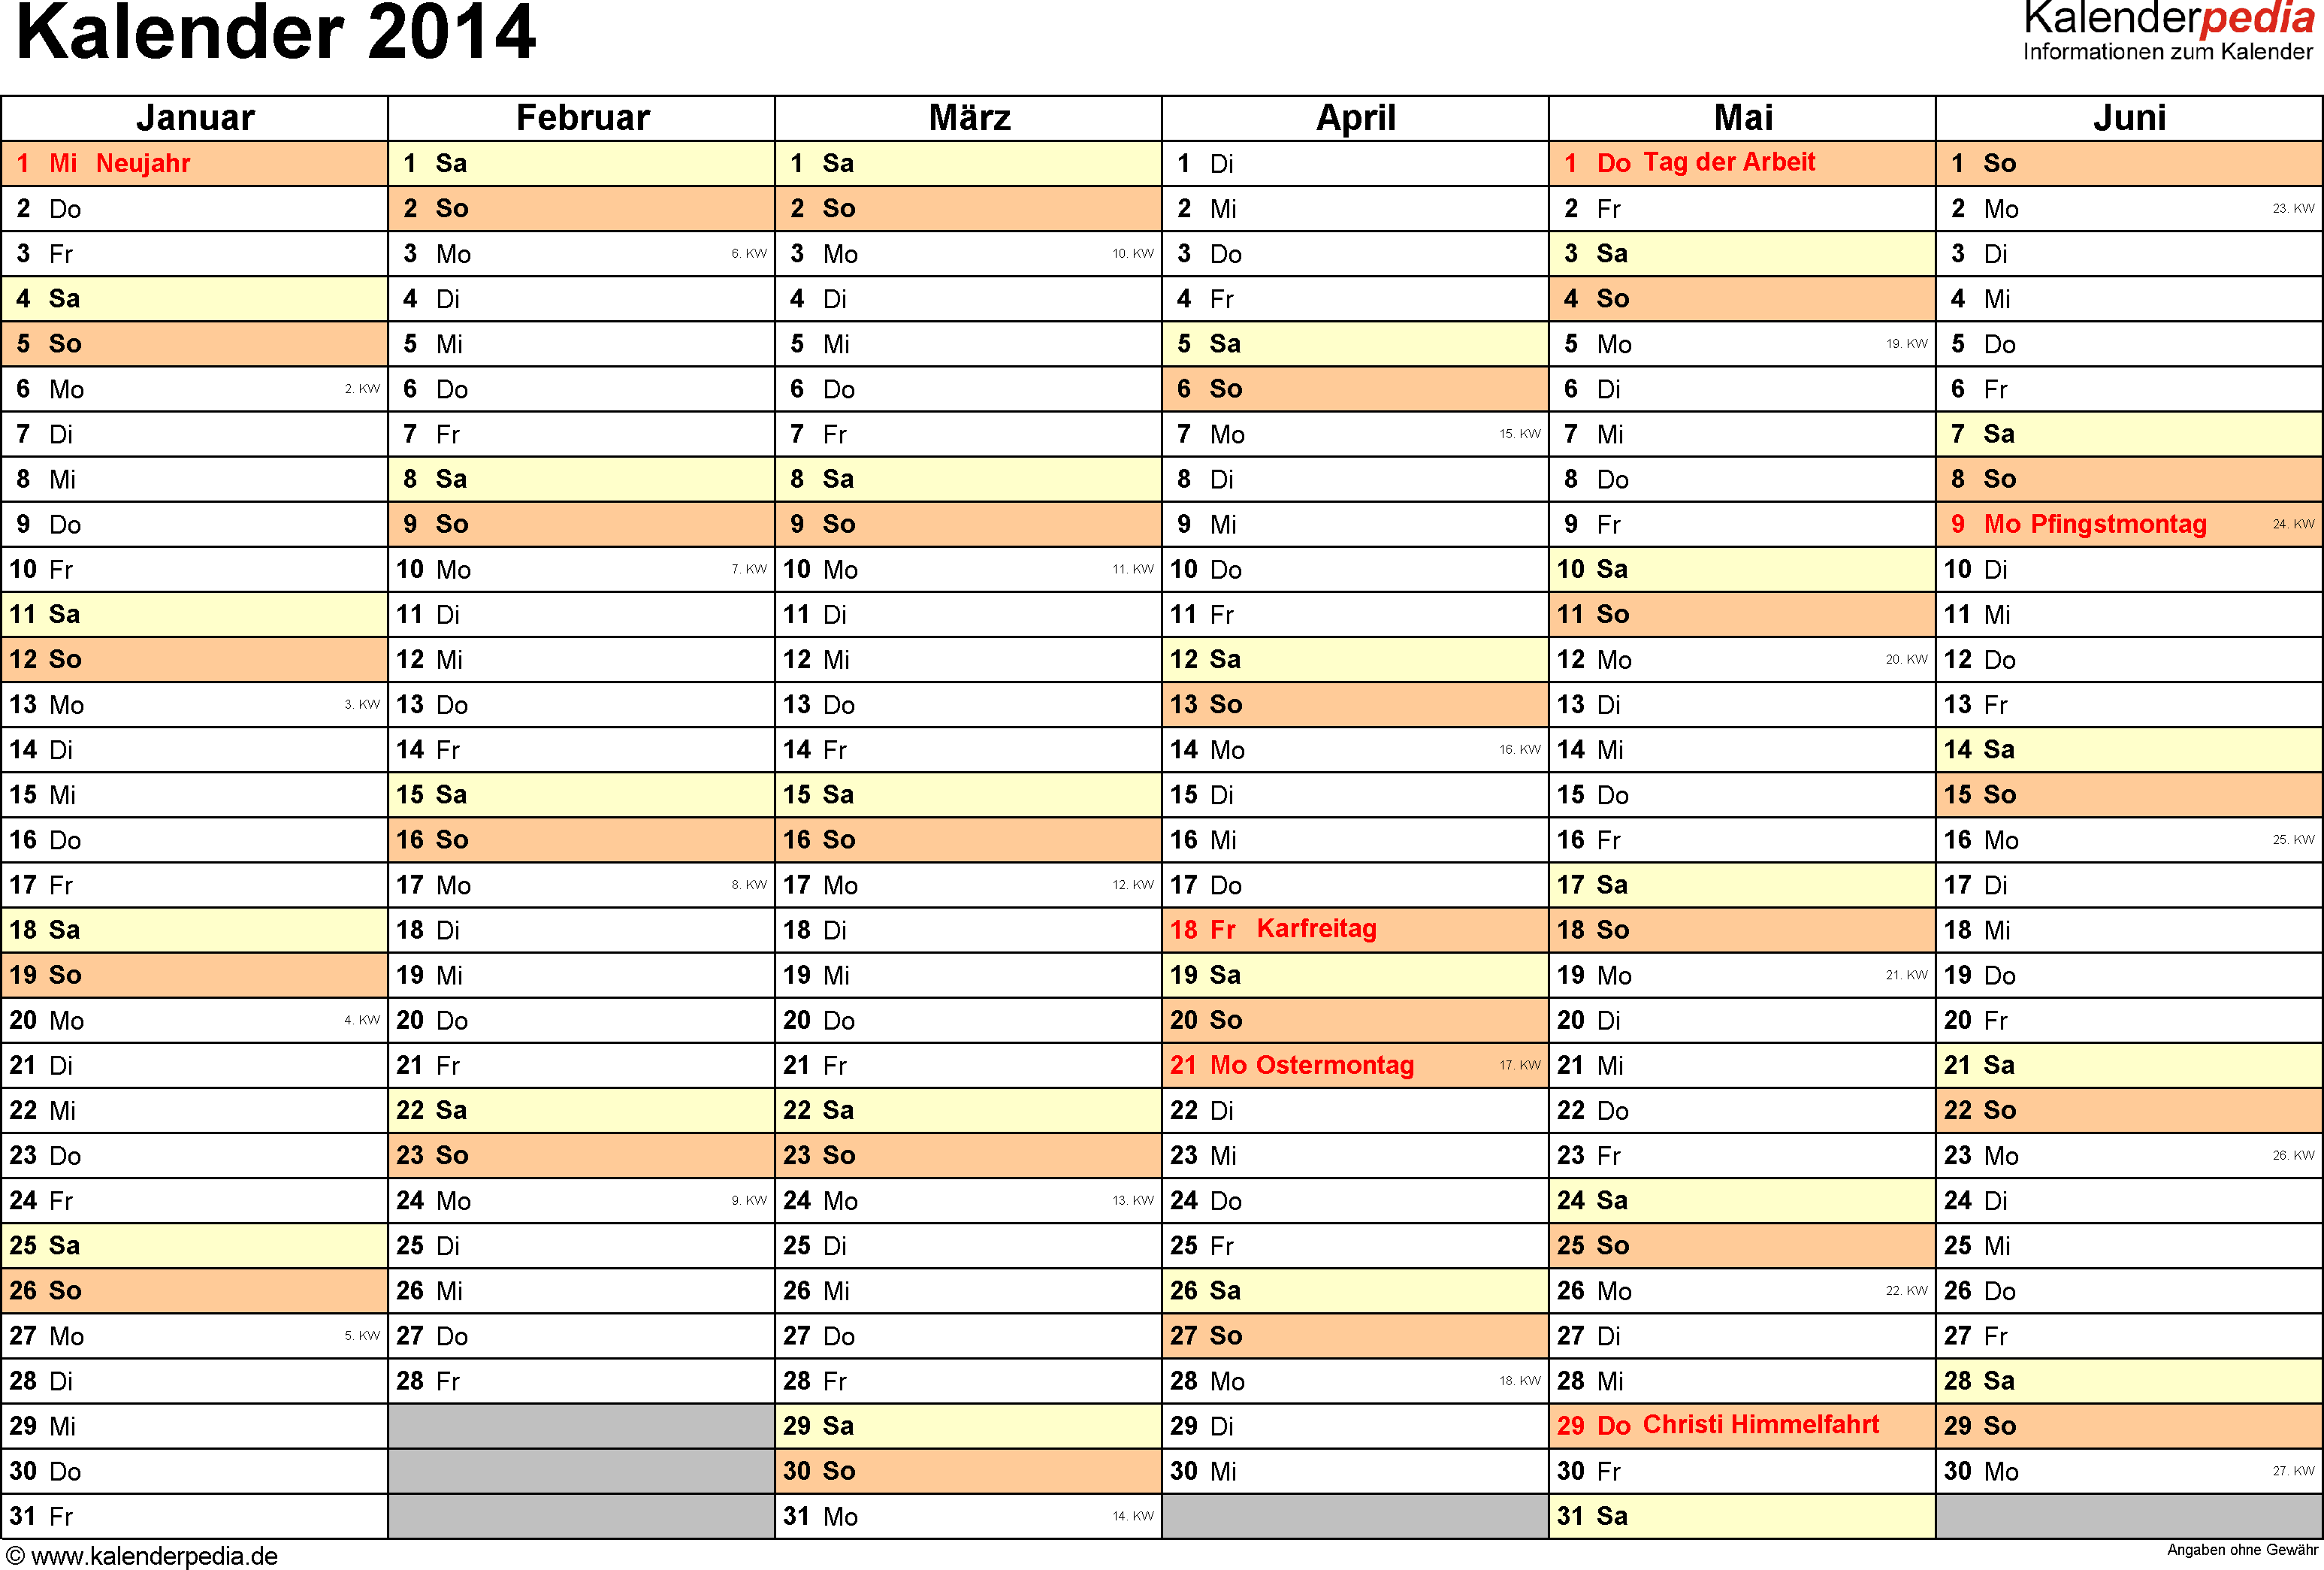 Vorlage 3: Kalender 2014 für <span style=white-space:nowrap;>Word, Querformat, 2 Seiten, 1. Halbjahr (Januar bis Juni 2014) & 2. Halbjahr (Juli bis Dezember 2014) auf einen Blick